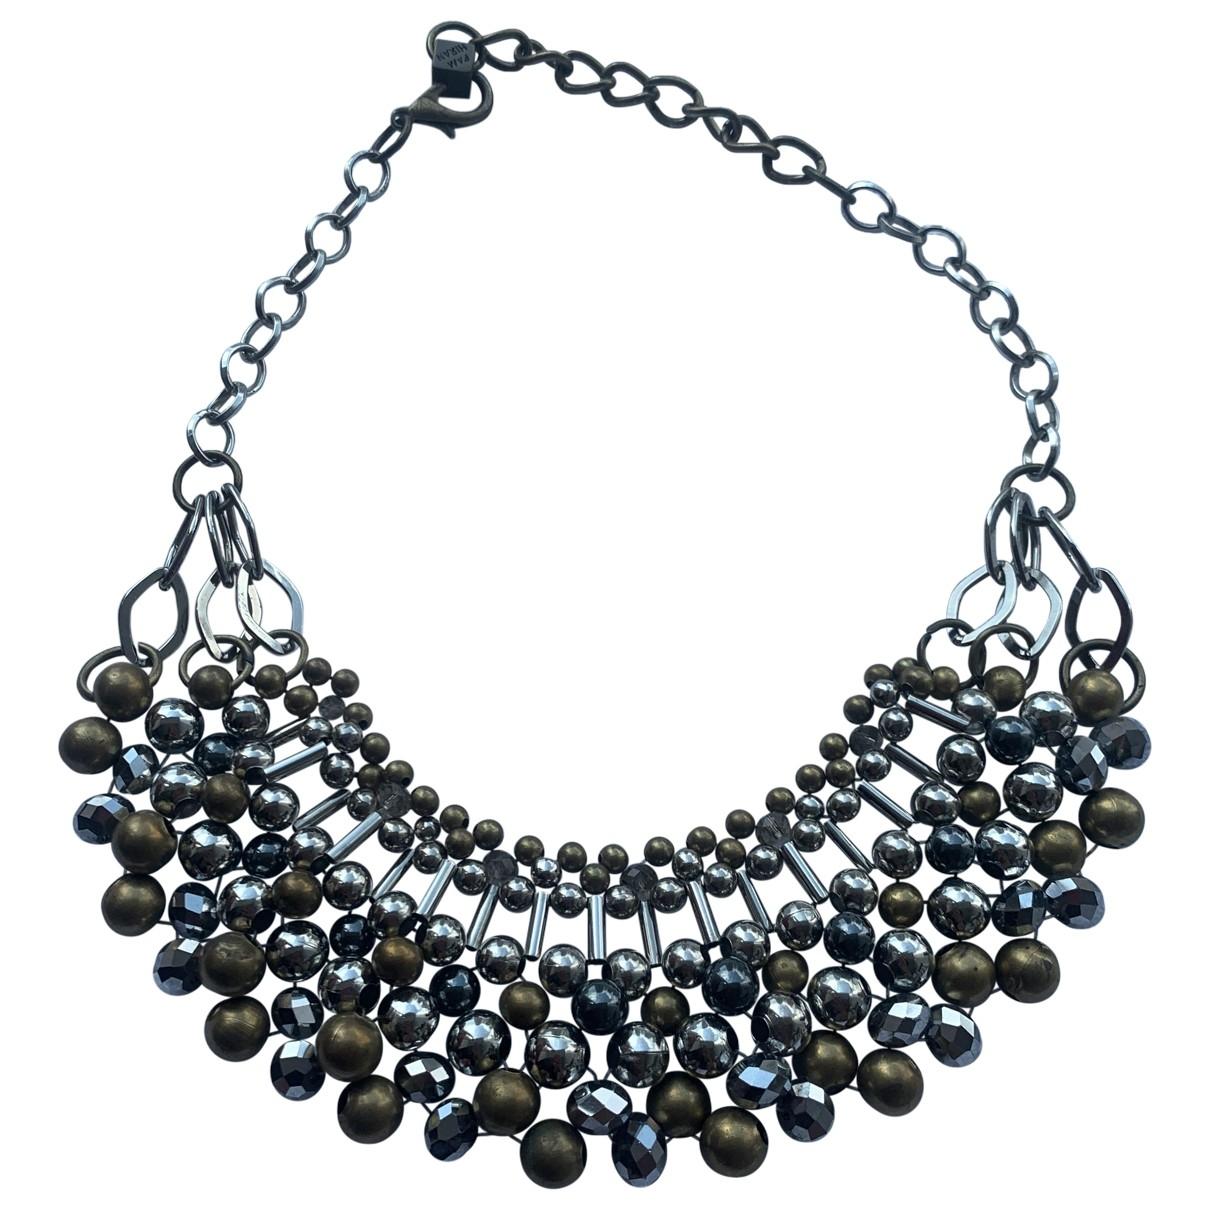 - Collier Motifs Ethniques pour femme en metal - anthracite